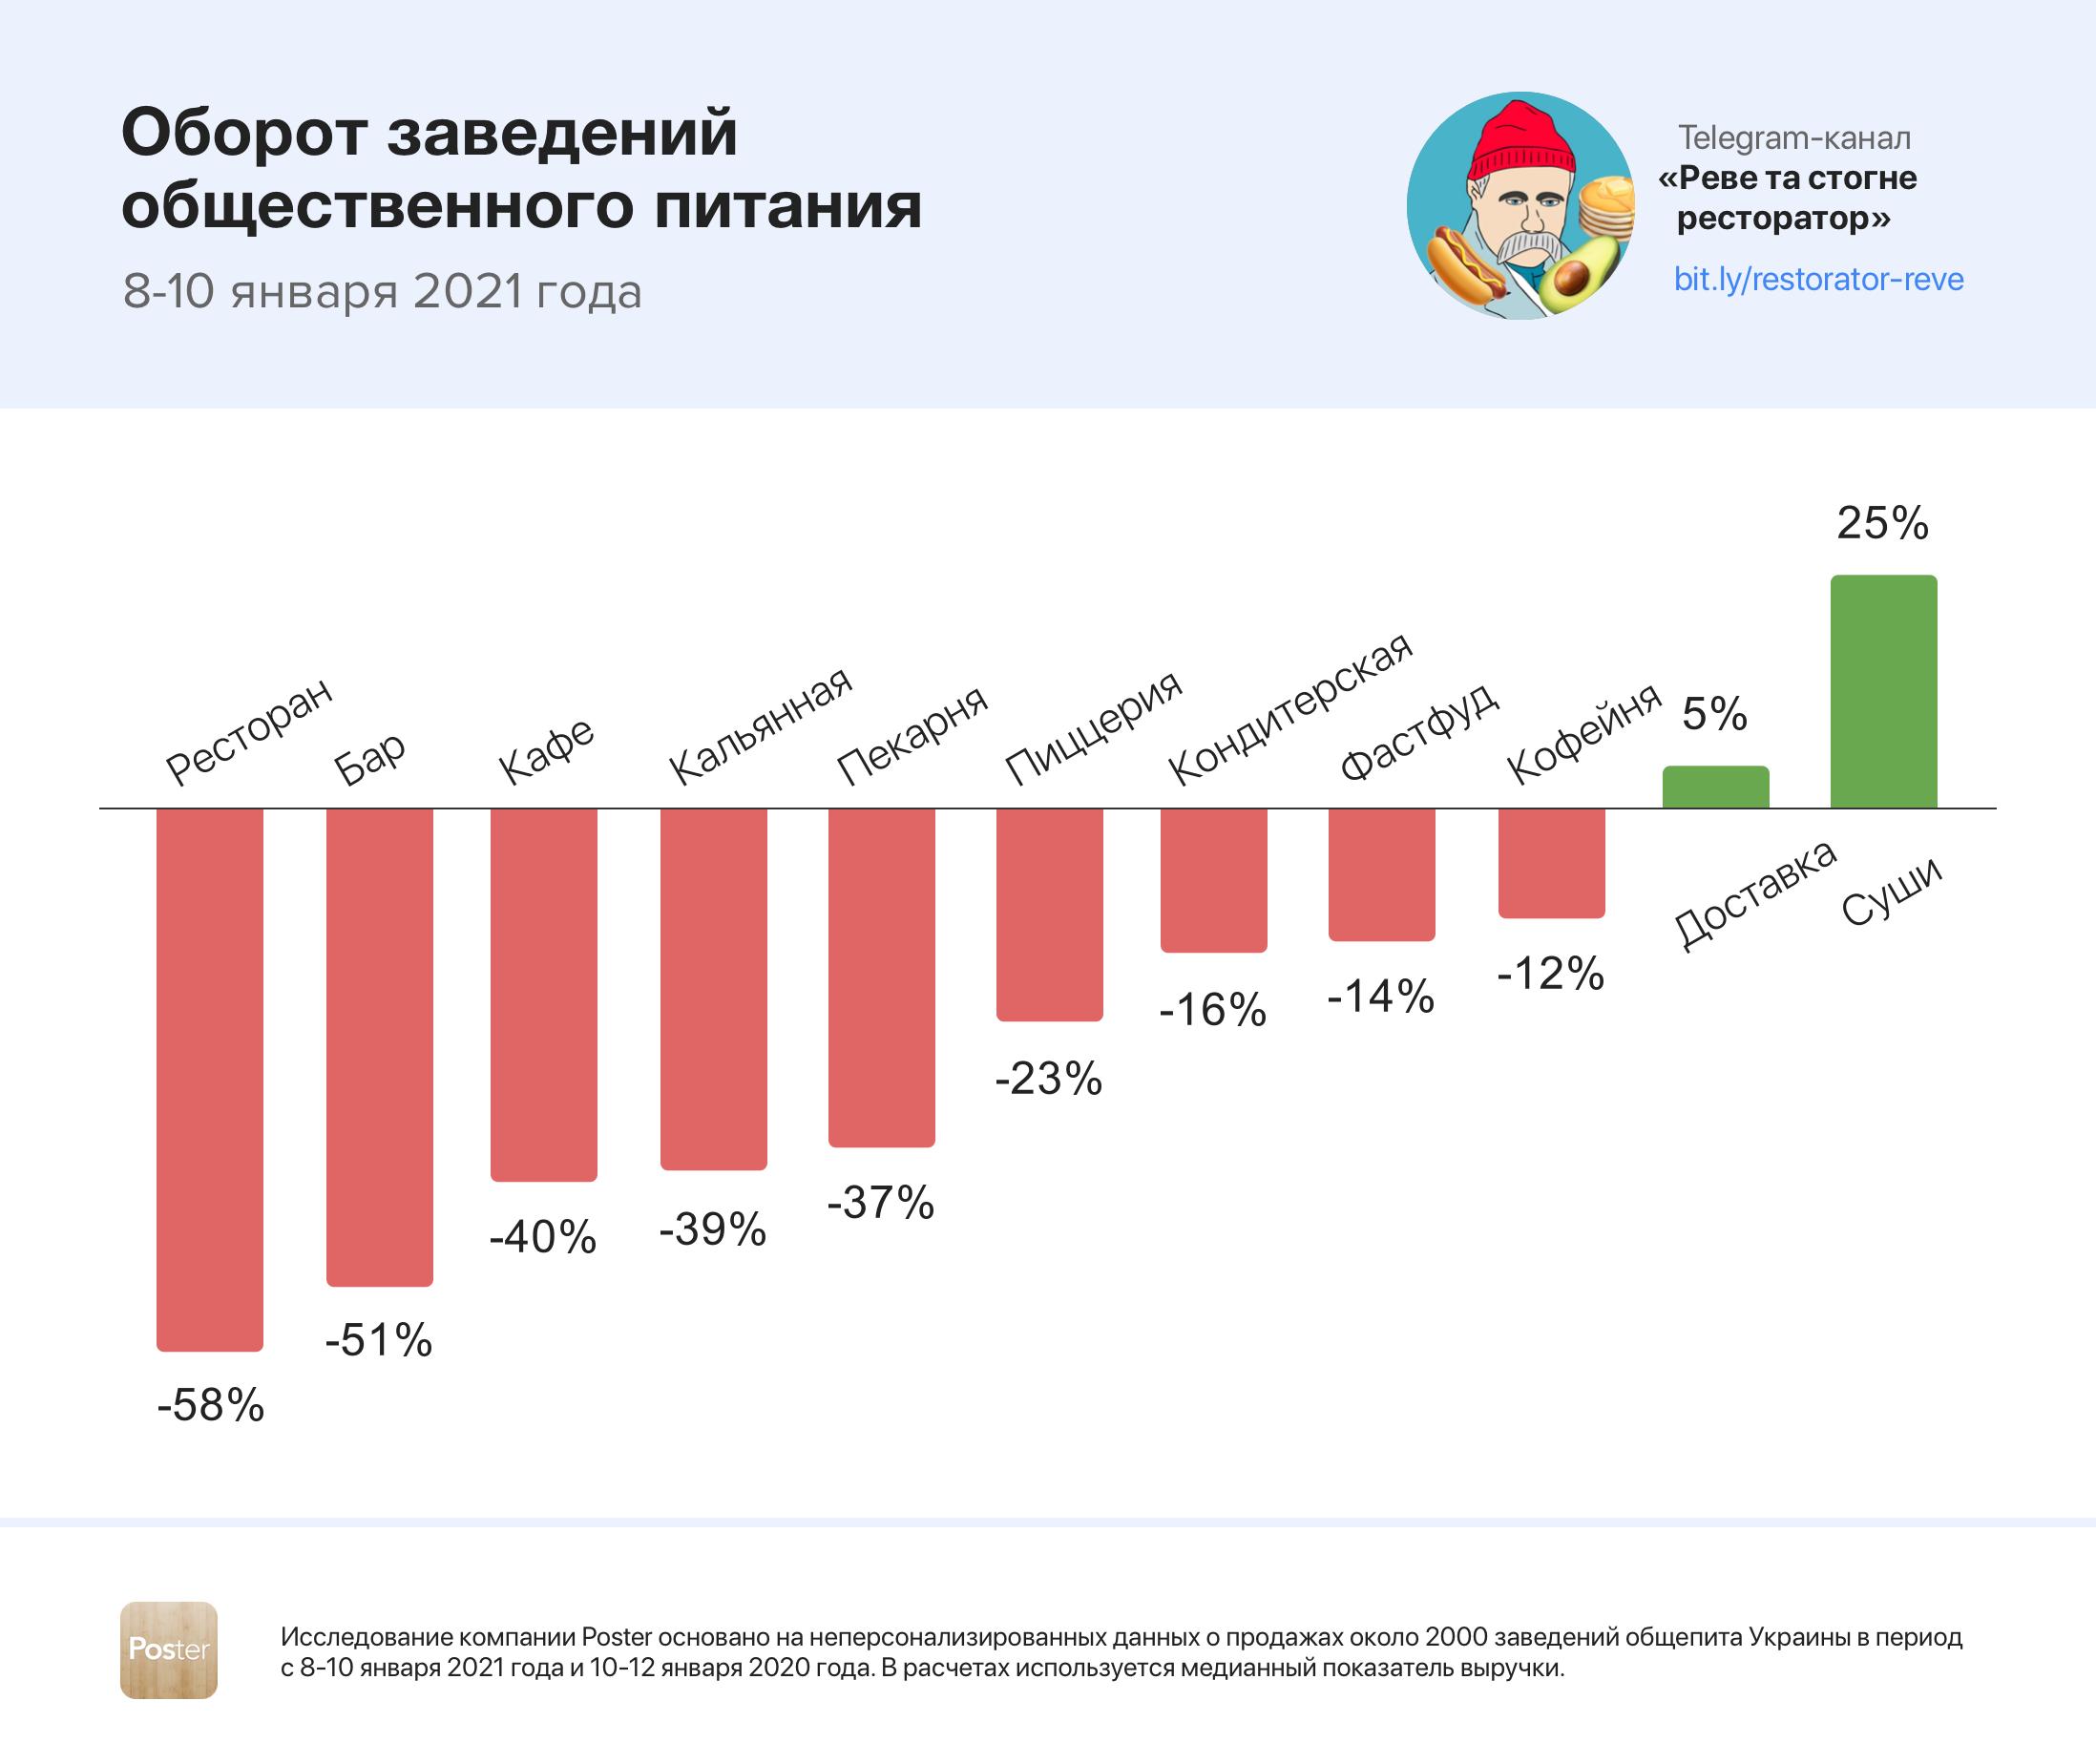 Украина. Второй локдаун снова обрушил обороты заведений